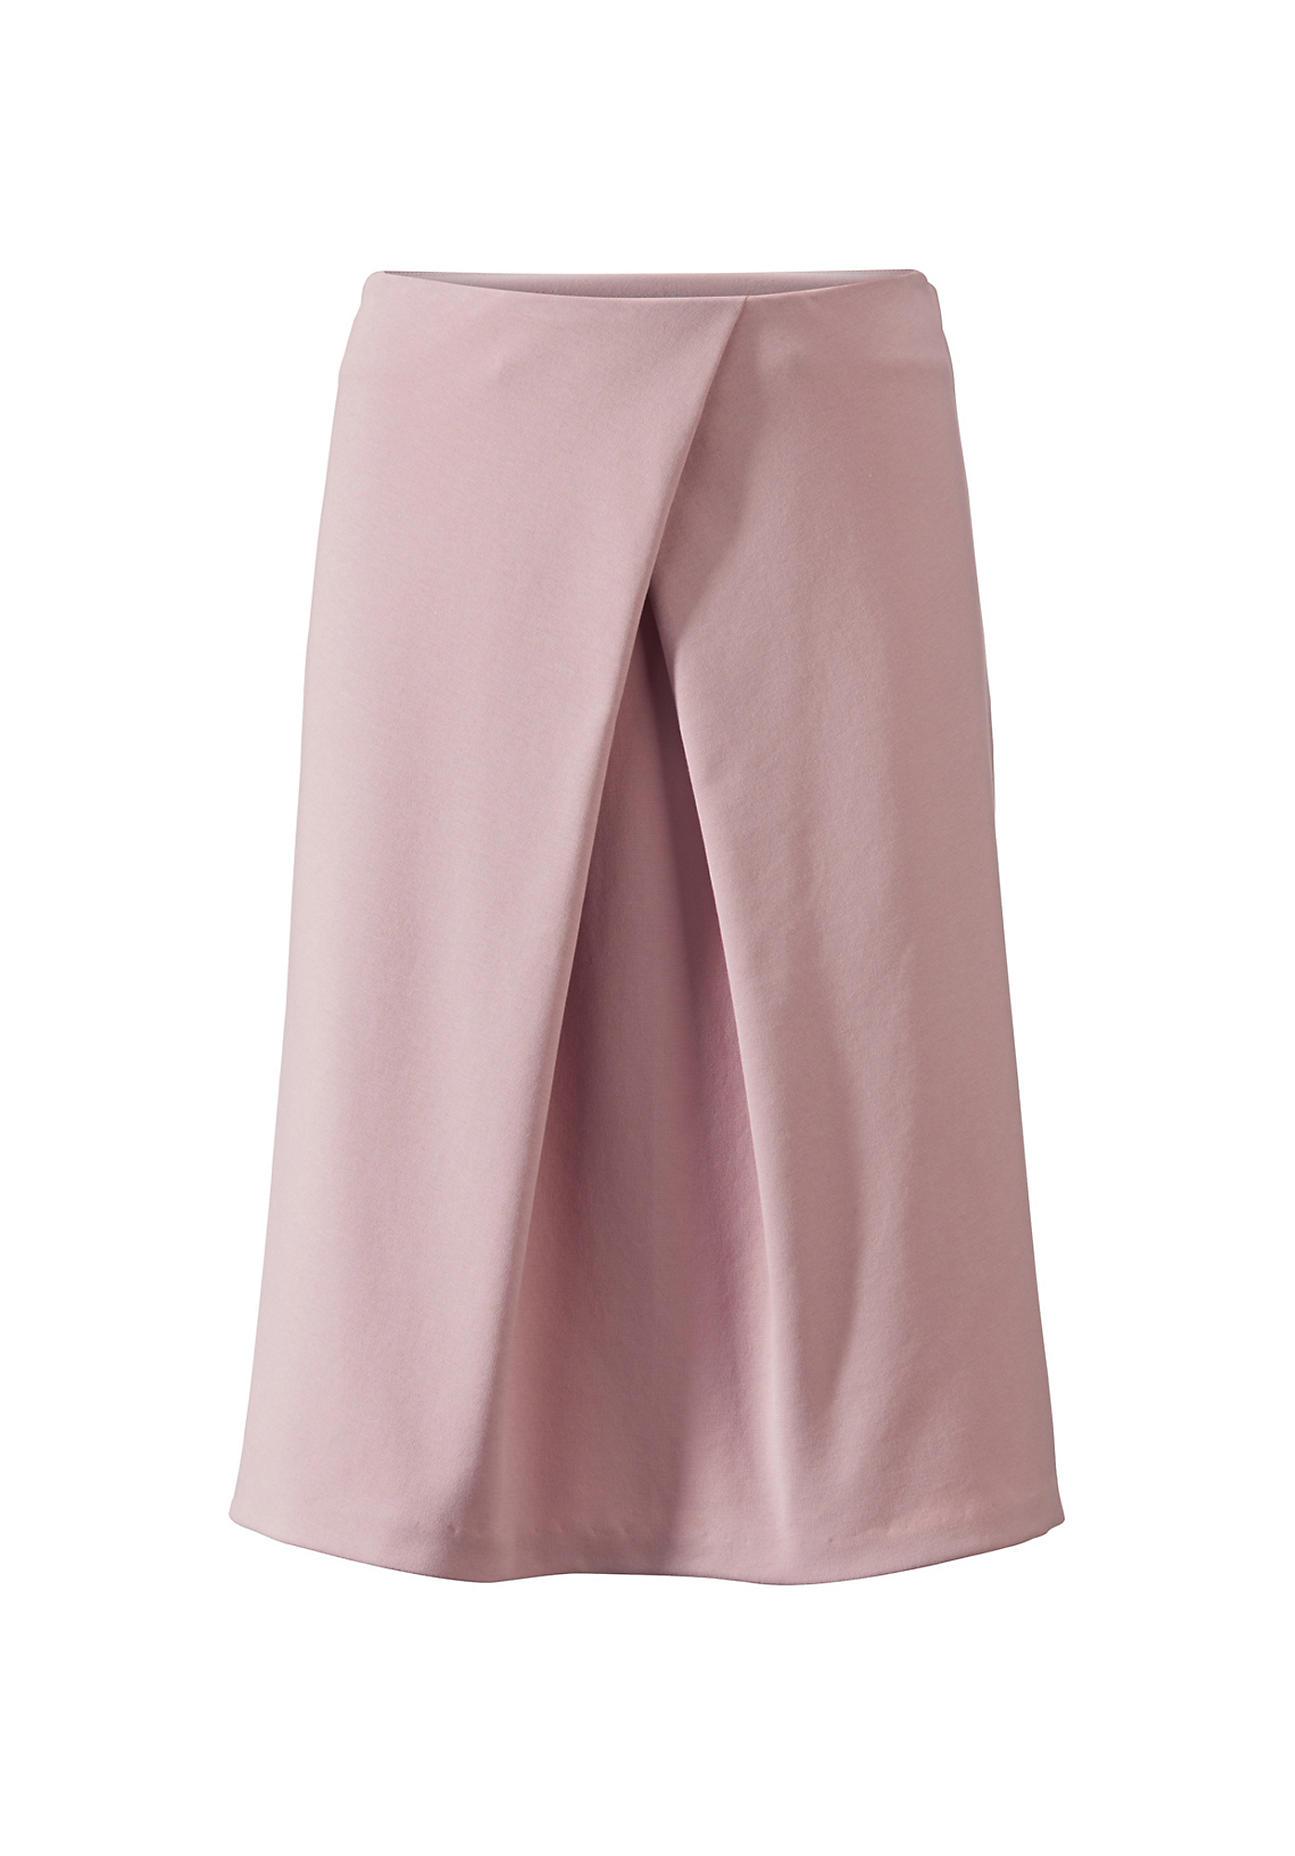 Roecke für Frauen - hessnatur Damen Rock aus Bio Baumwolle – rosa –  - Onlineshop Hessnatur